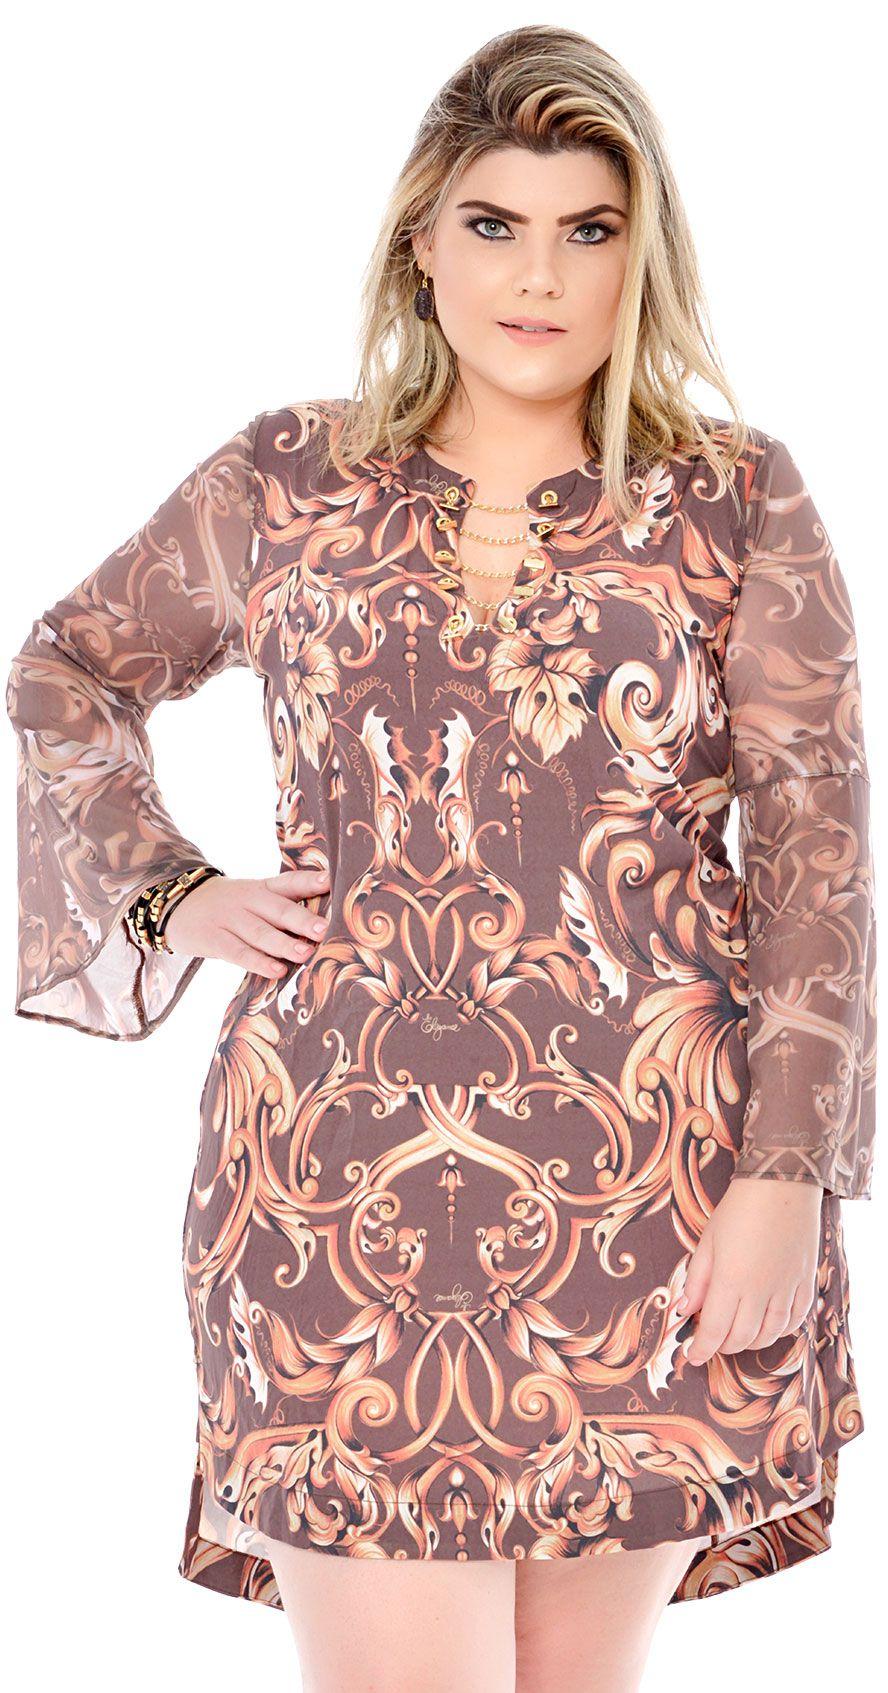 03d24726810 Vestido Plus Size Brauner